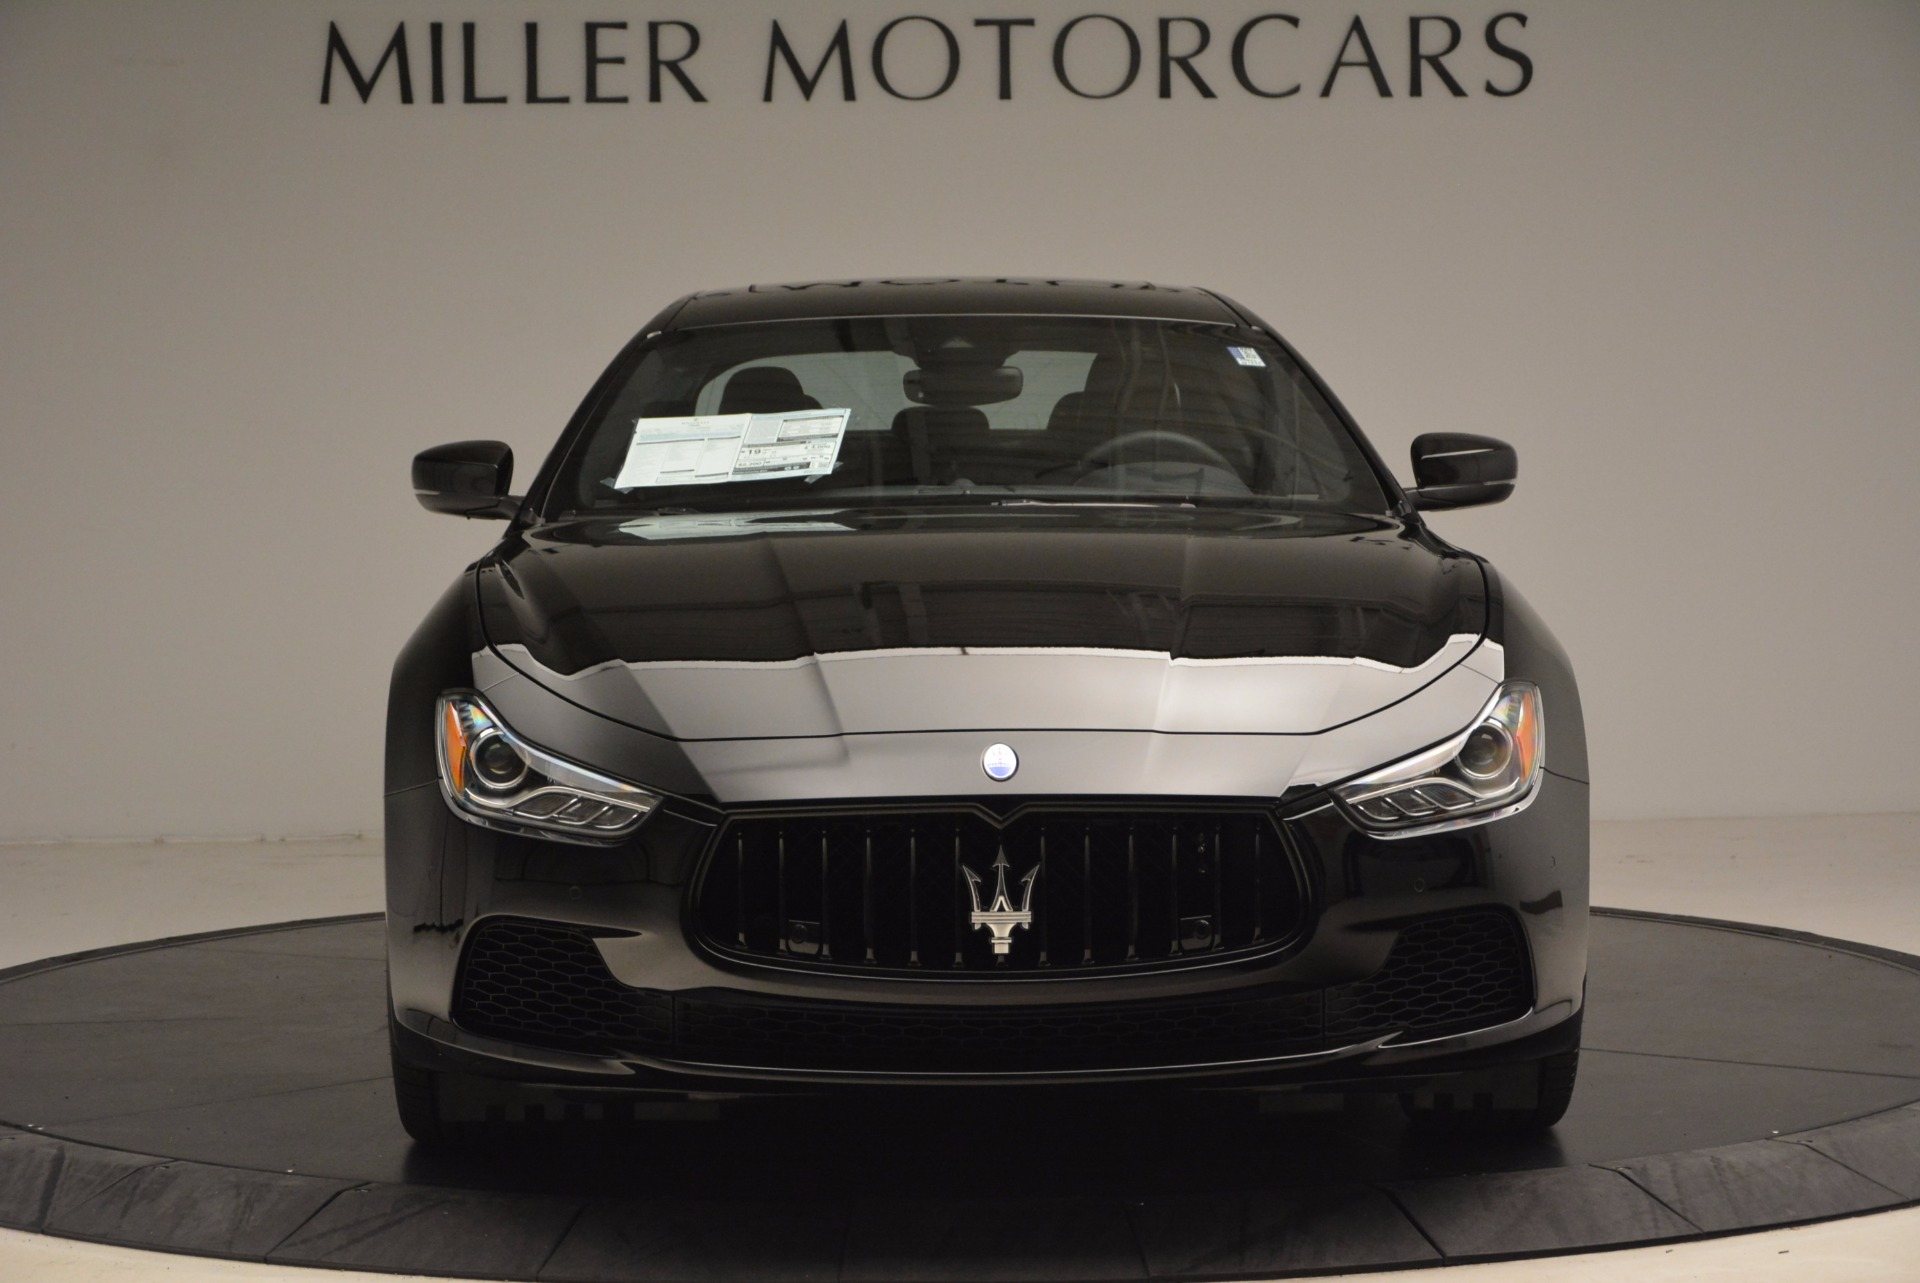 New 2017 Maserati Ghibli SQ4 S Q4 Nerissimo Edition | Greenwich, CT